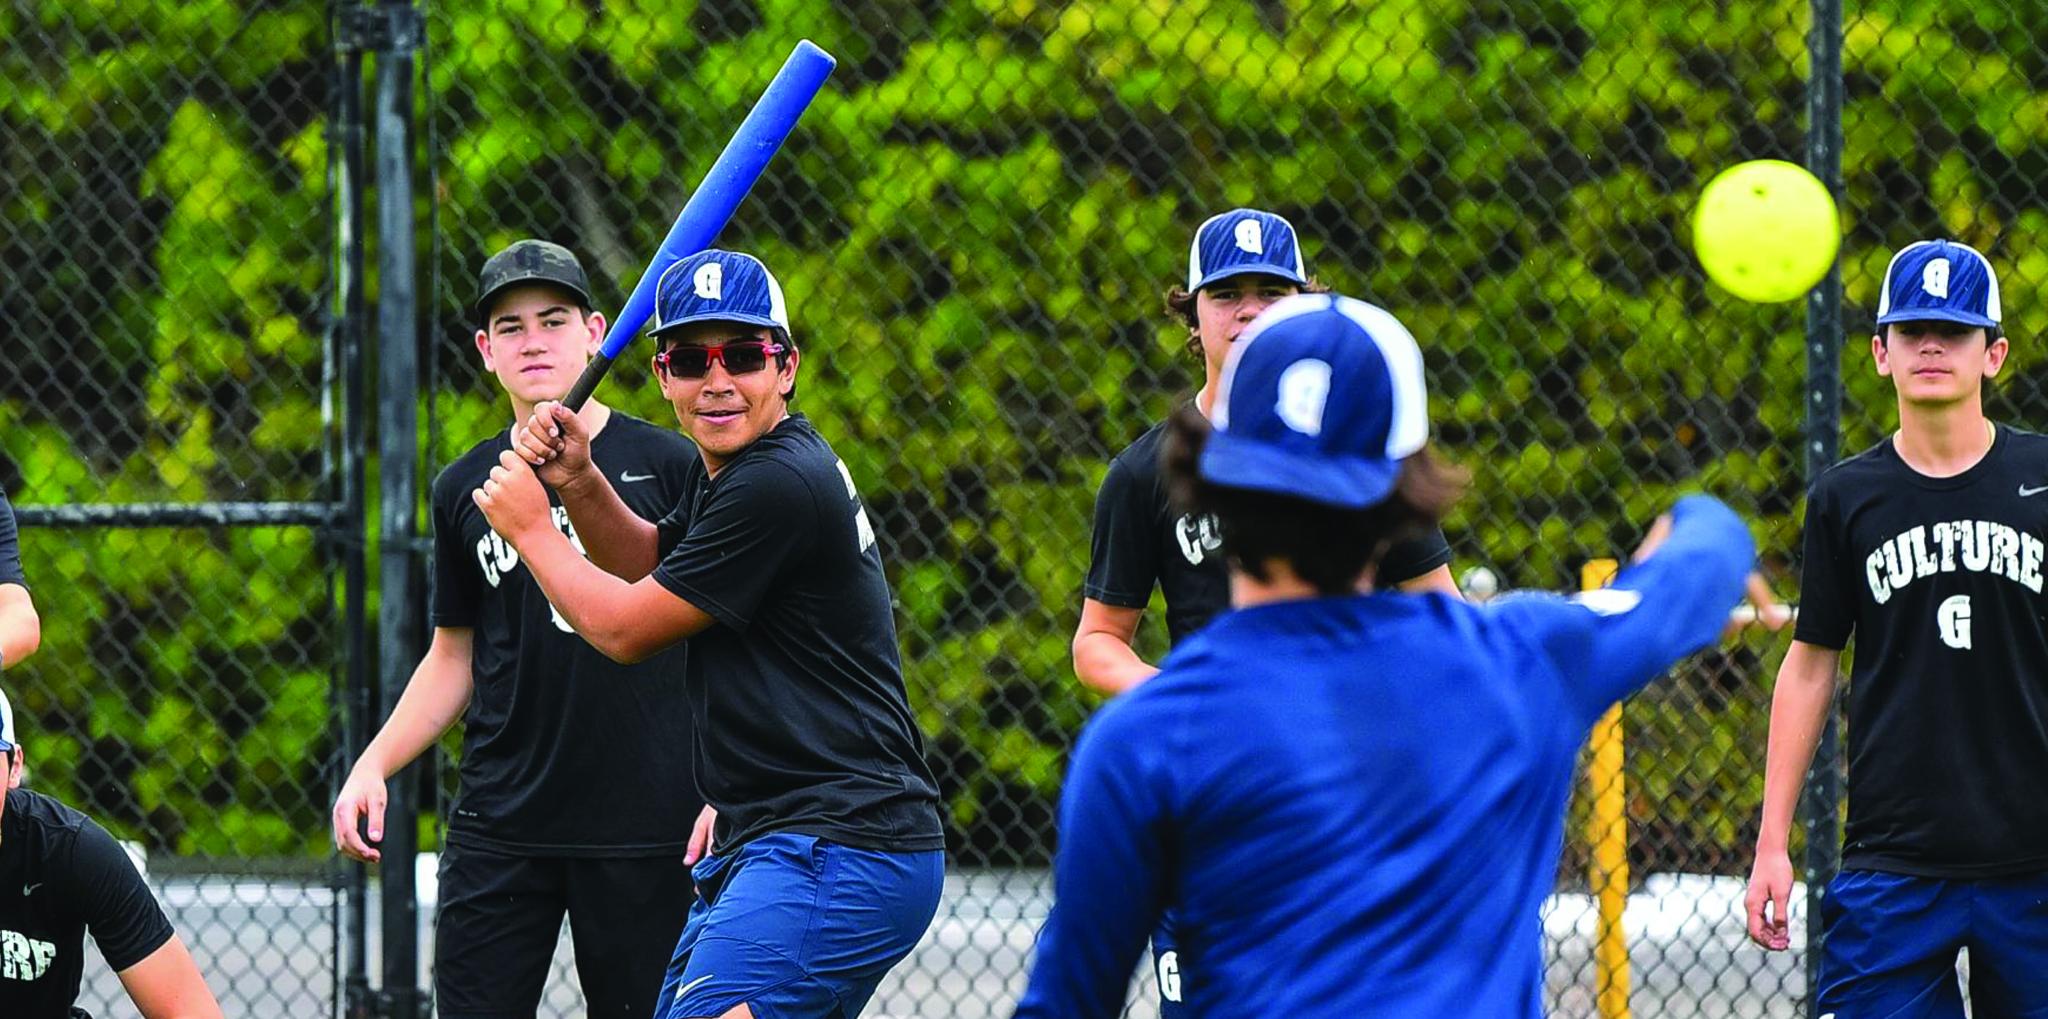 Boys baseball practice